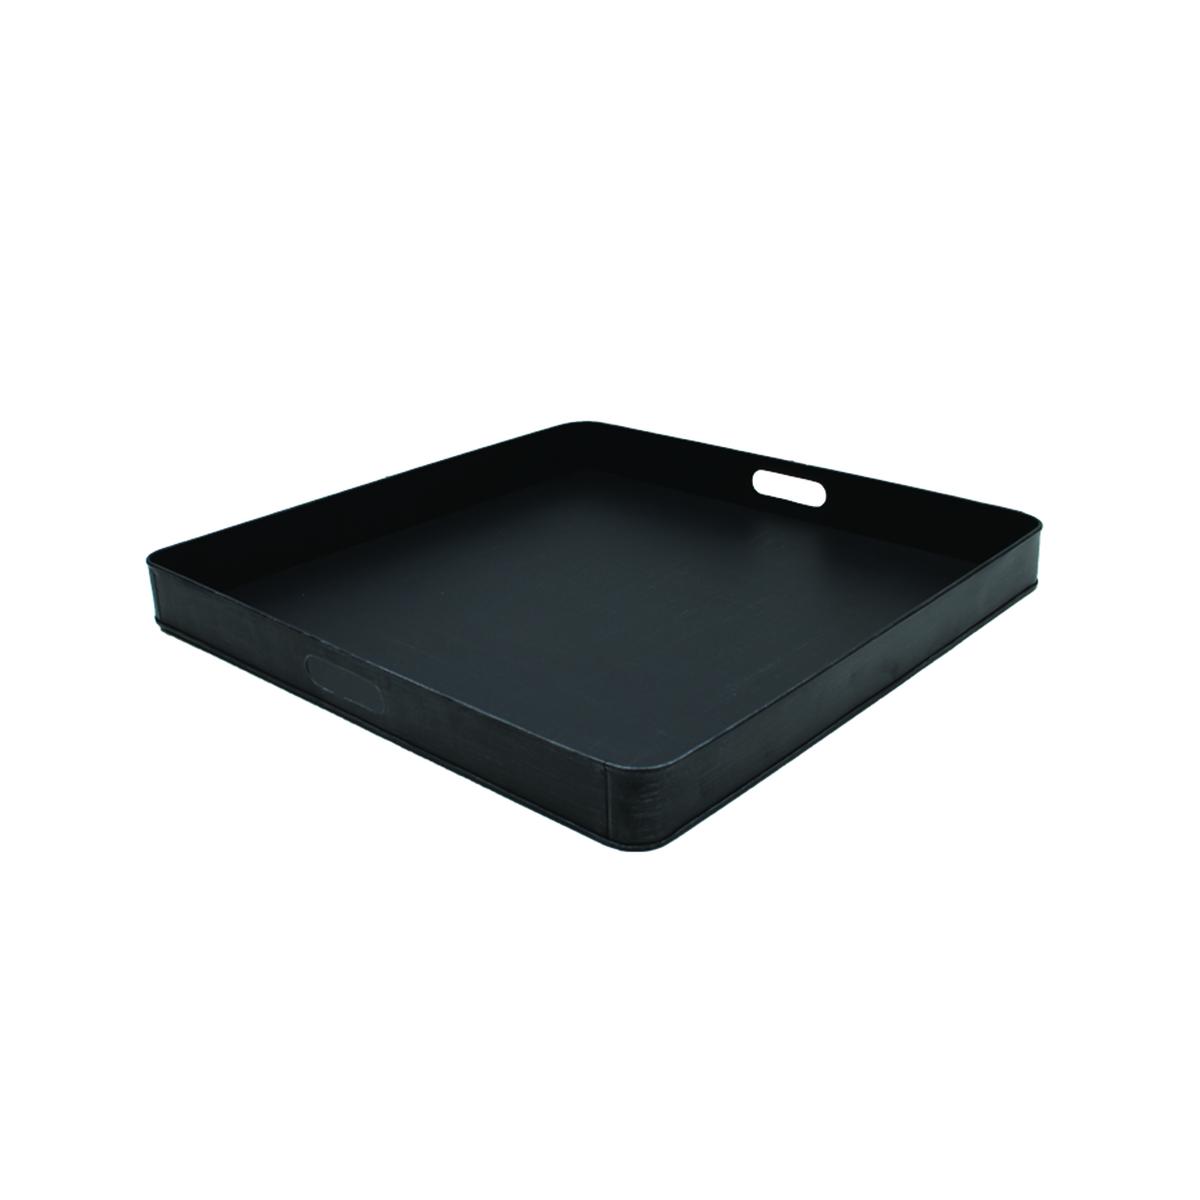 Tray - Zwart - Metaal